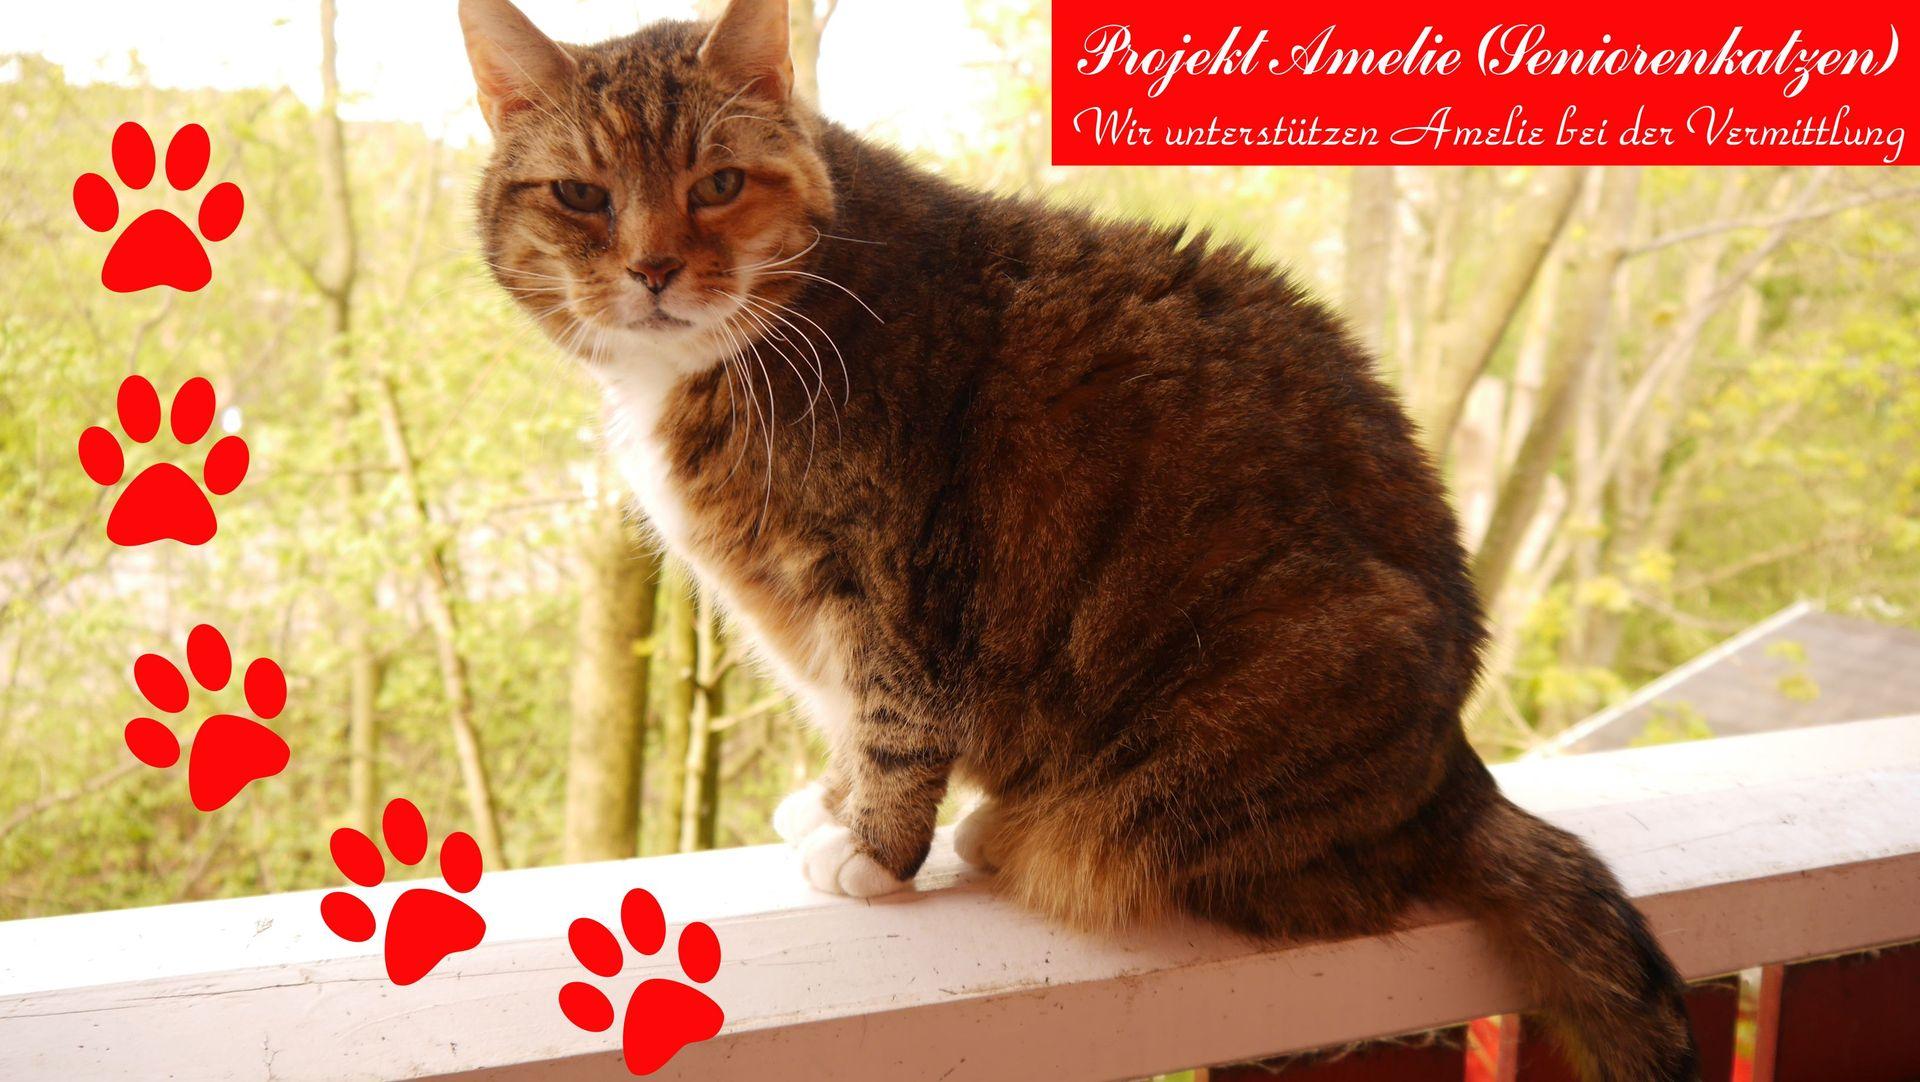 Amelie-Katzen (Seniorenkatzen) | tin-schoeppingen